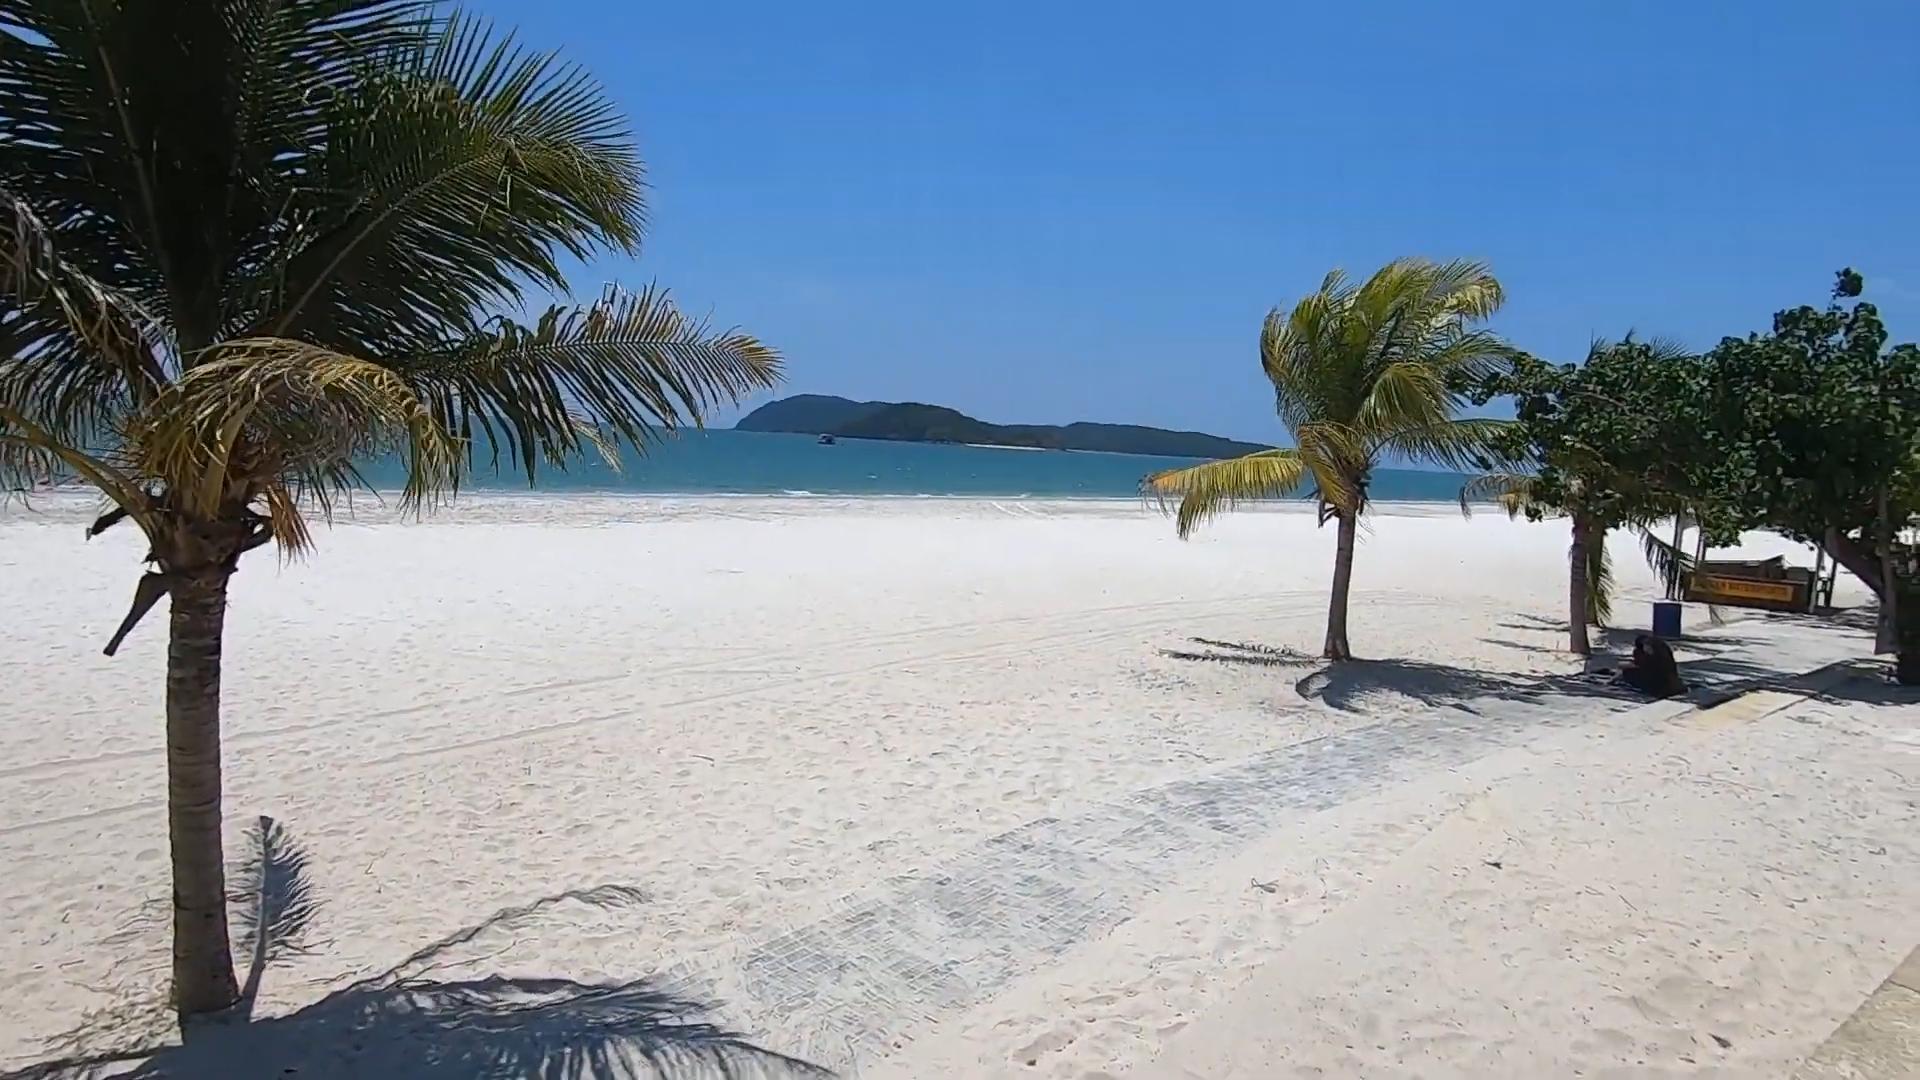 Pentai Cenang Beach, Langkawi